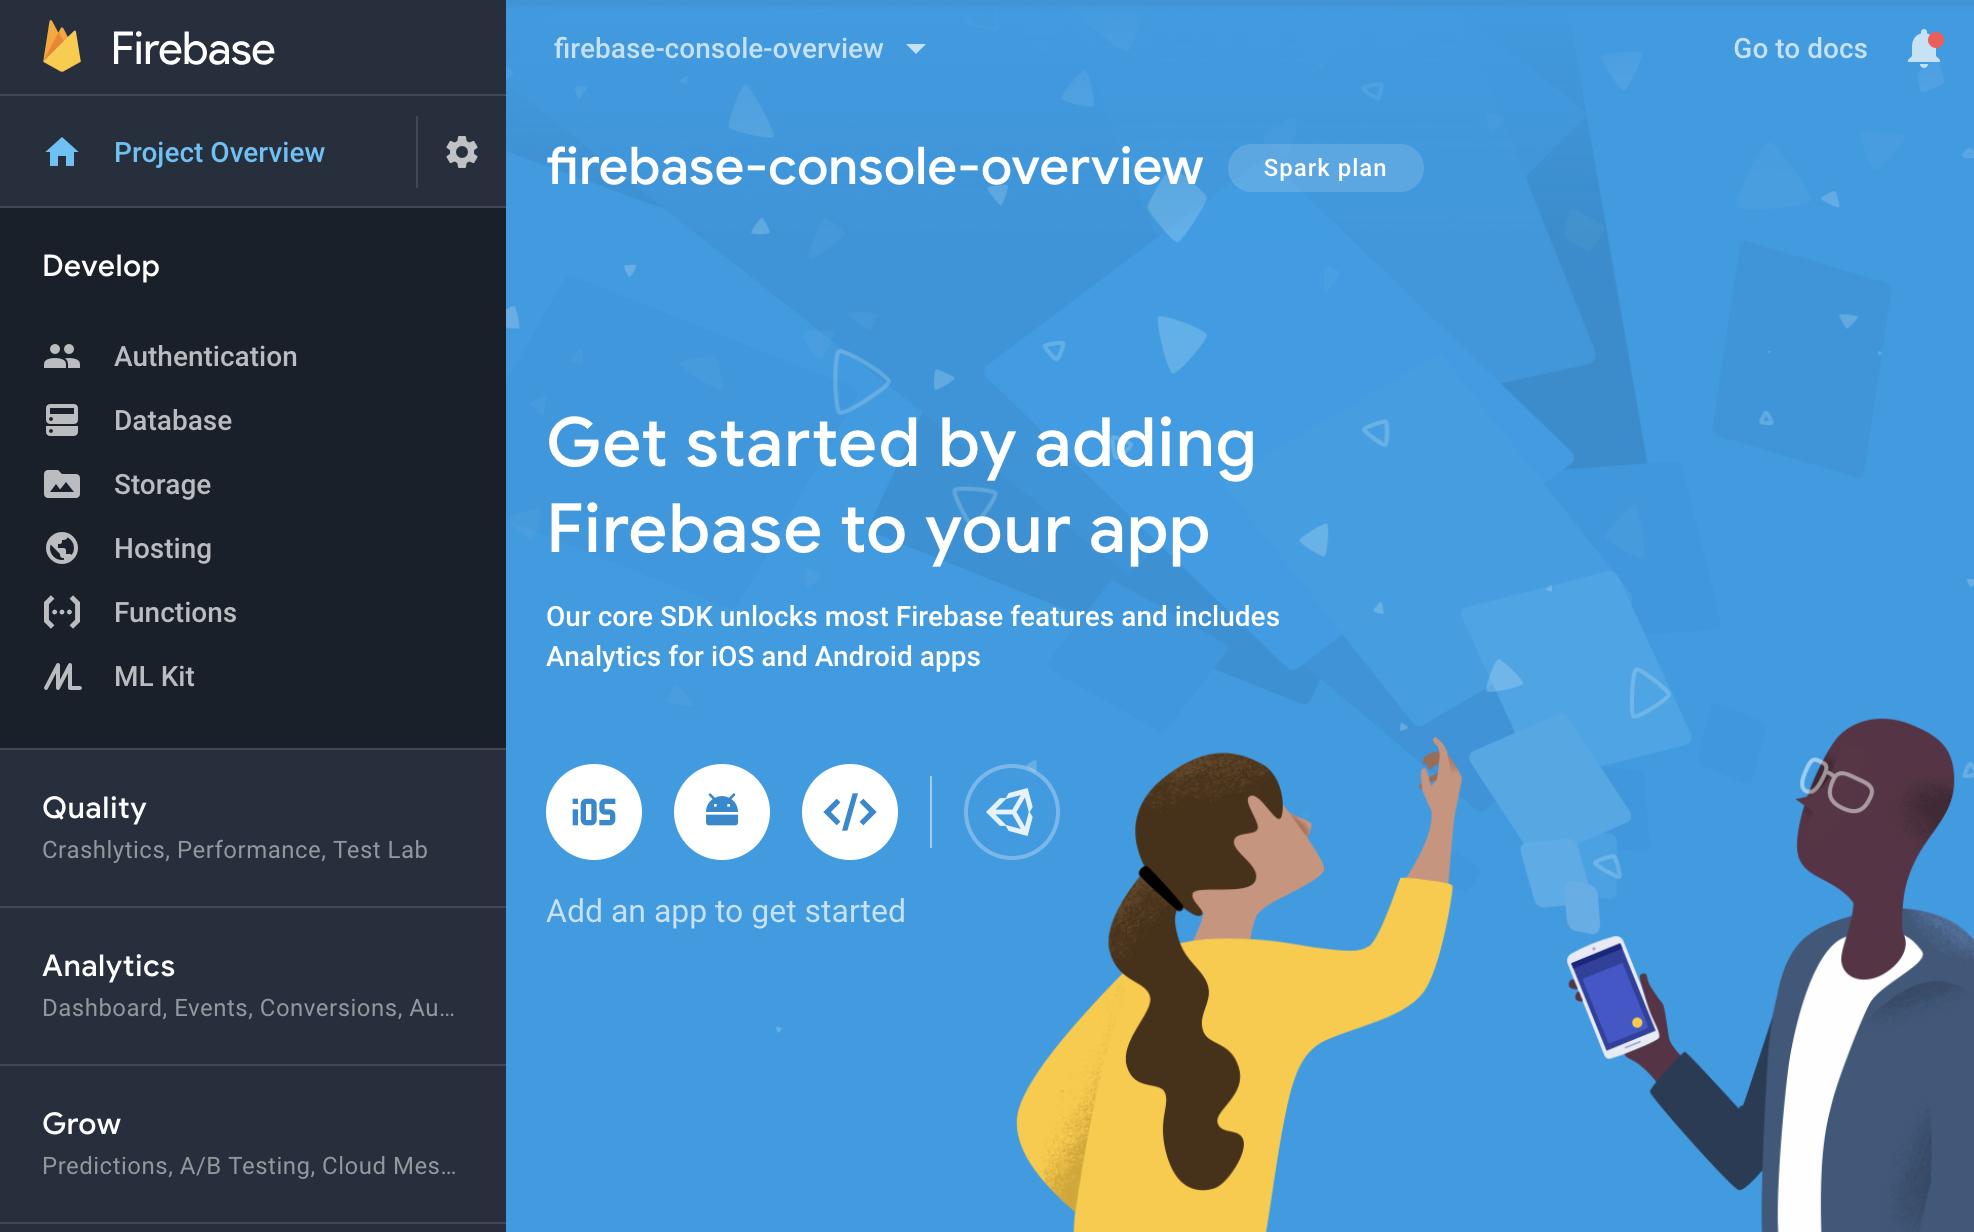 คอนโซล Firebase - หน้าจอภาพรวมโครงการ